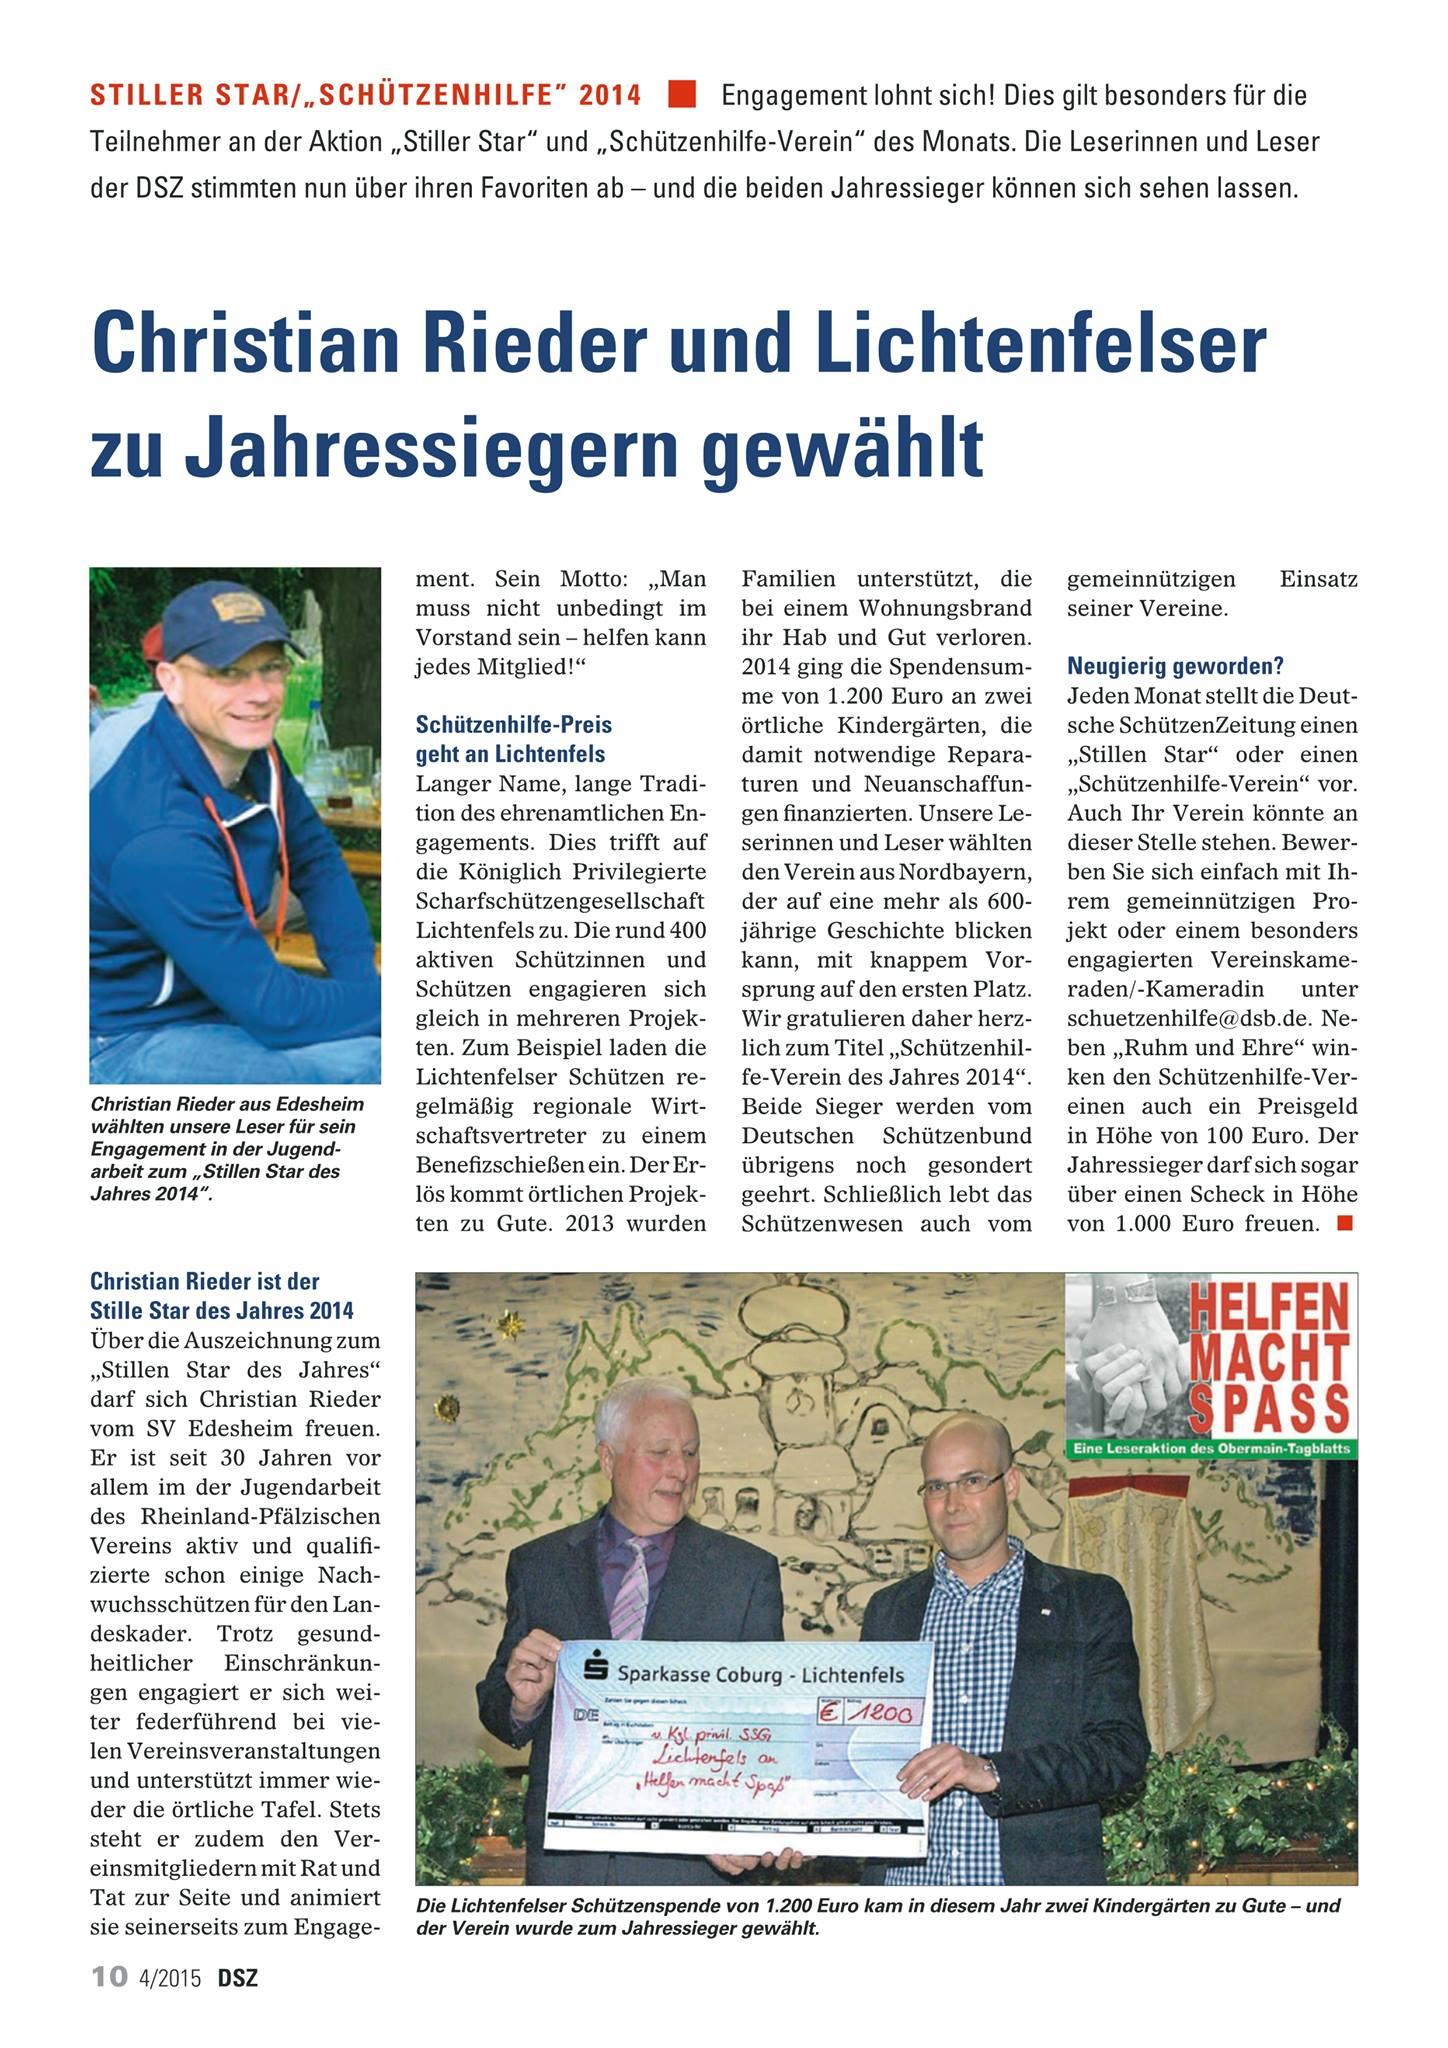 Stiller Star des Jahres 2014 Rieder Christian